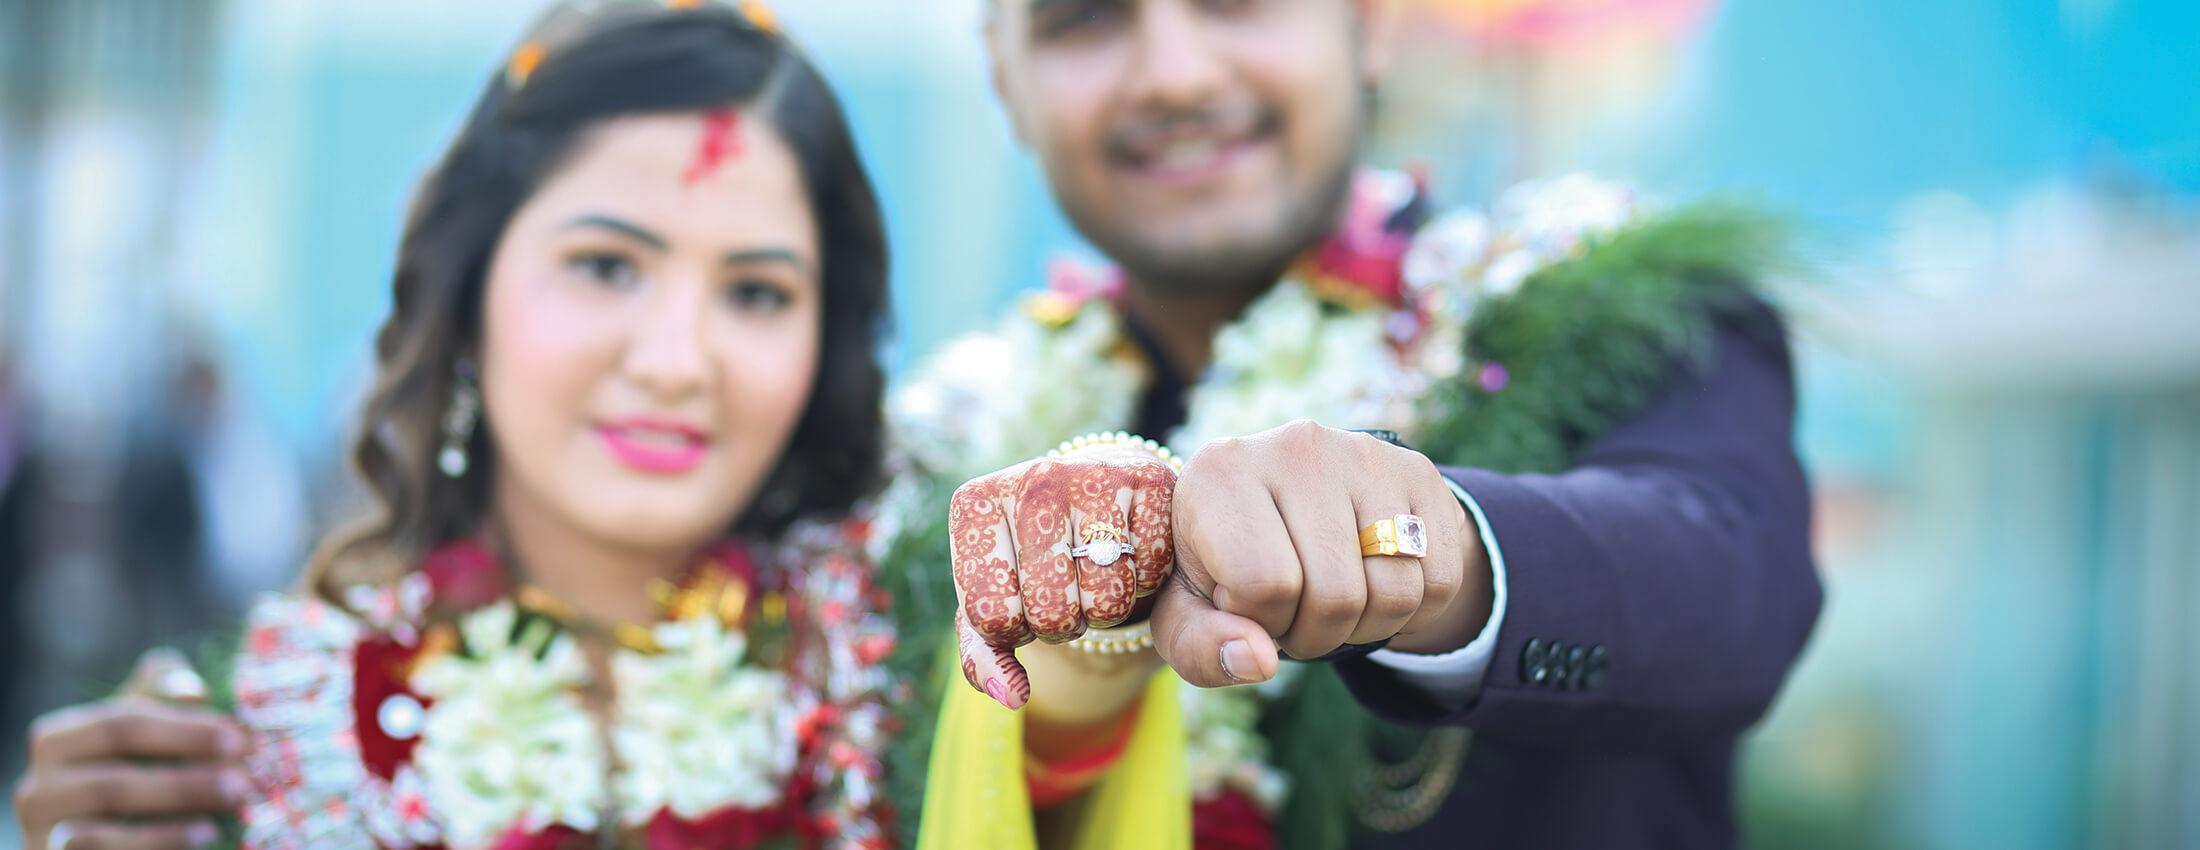 Ashmita weds Sanchet - Imgstock, Biratnagar